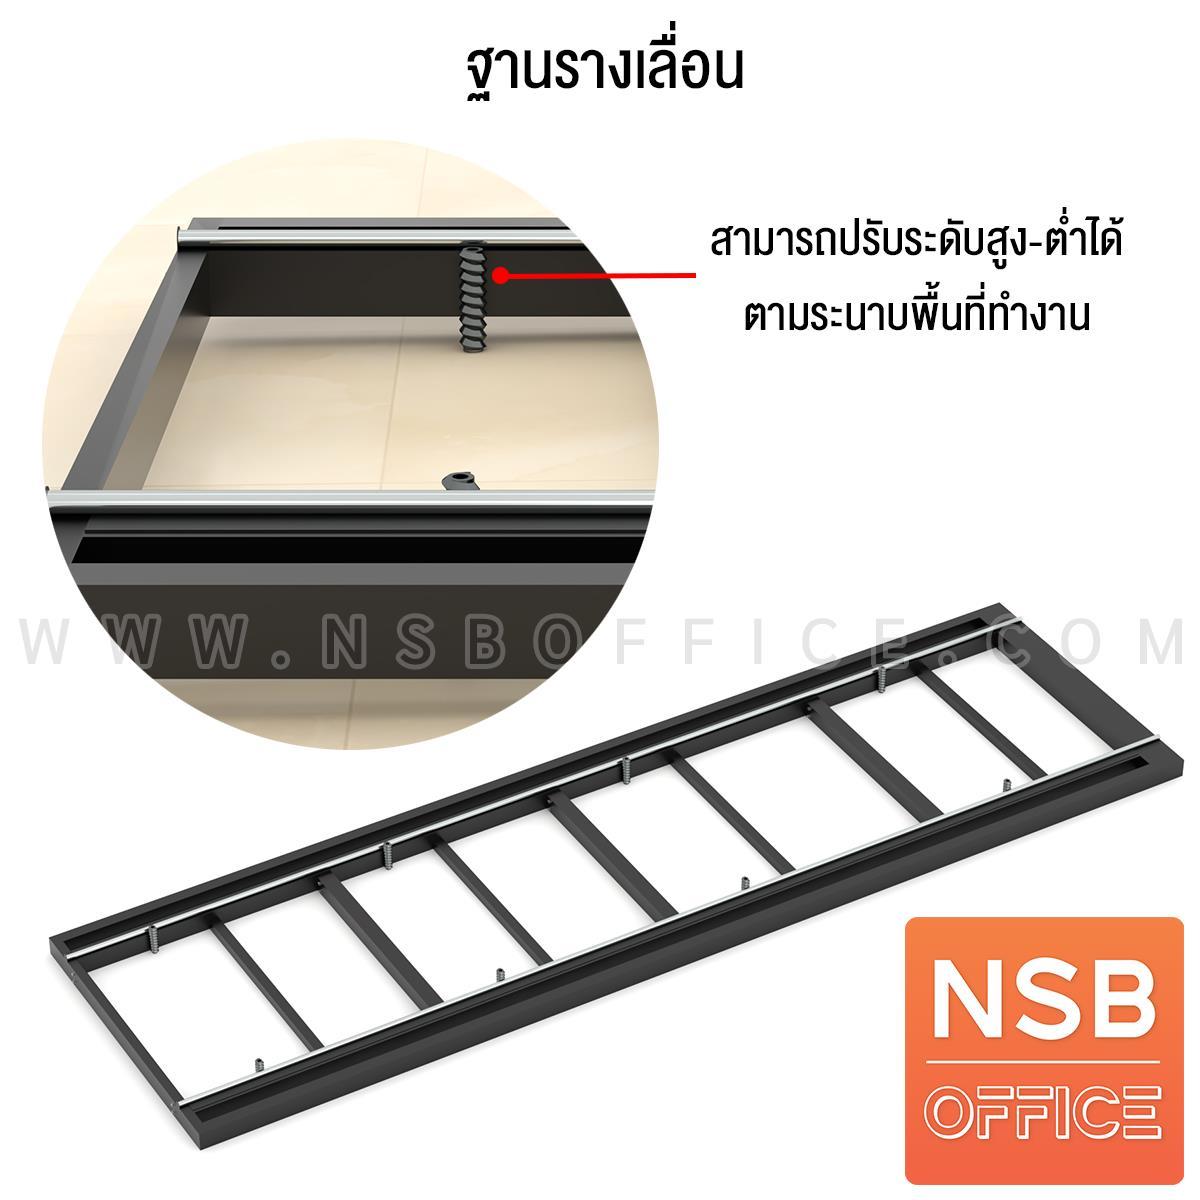 ตู้รางเลื่อนมือผลัก 91.4D cm  ขนาด 4, 6, 8, 10,12,14,16 ตู้